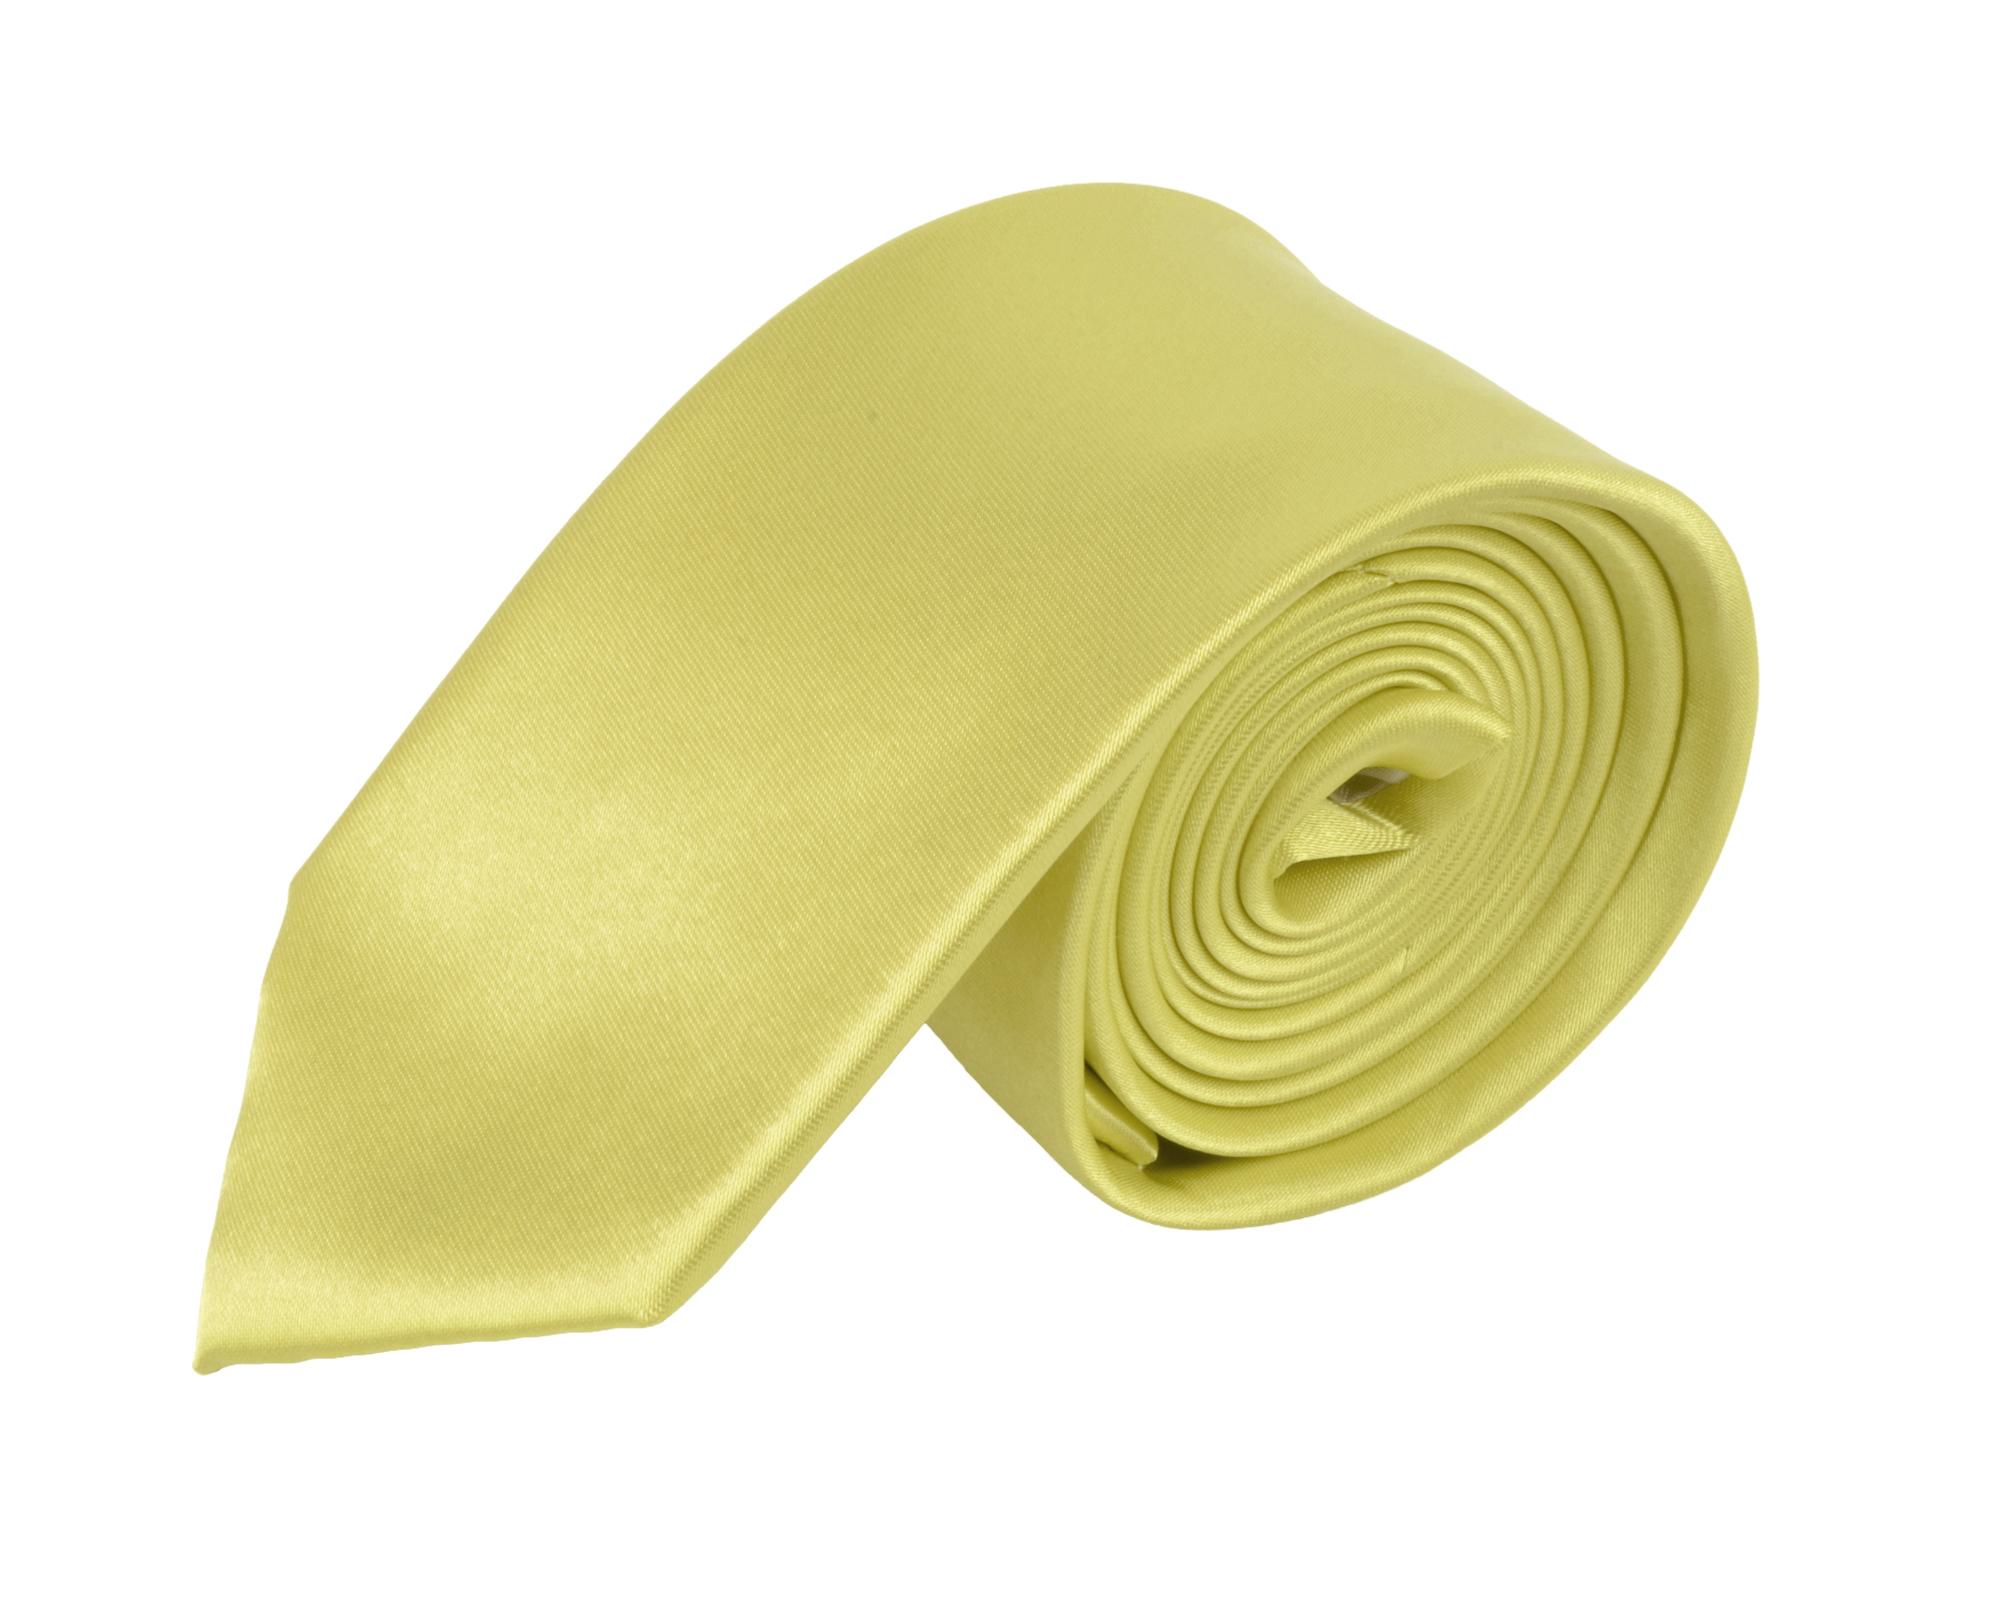 Moda Di Raza - Men's / Boy's Slim Polyester Tie  - Neckwear - Skinny Tie by Moda Di Raza - LightYellow One Size